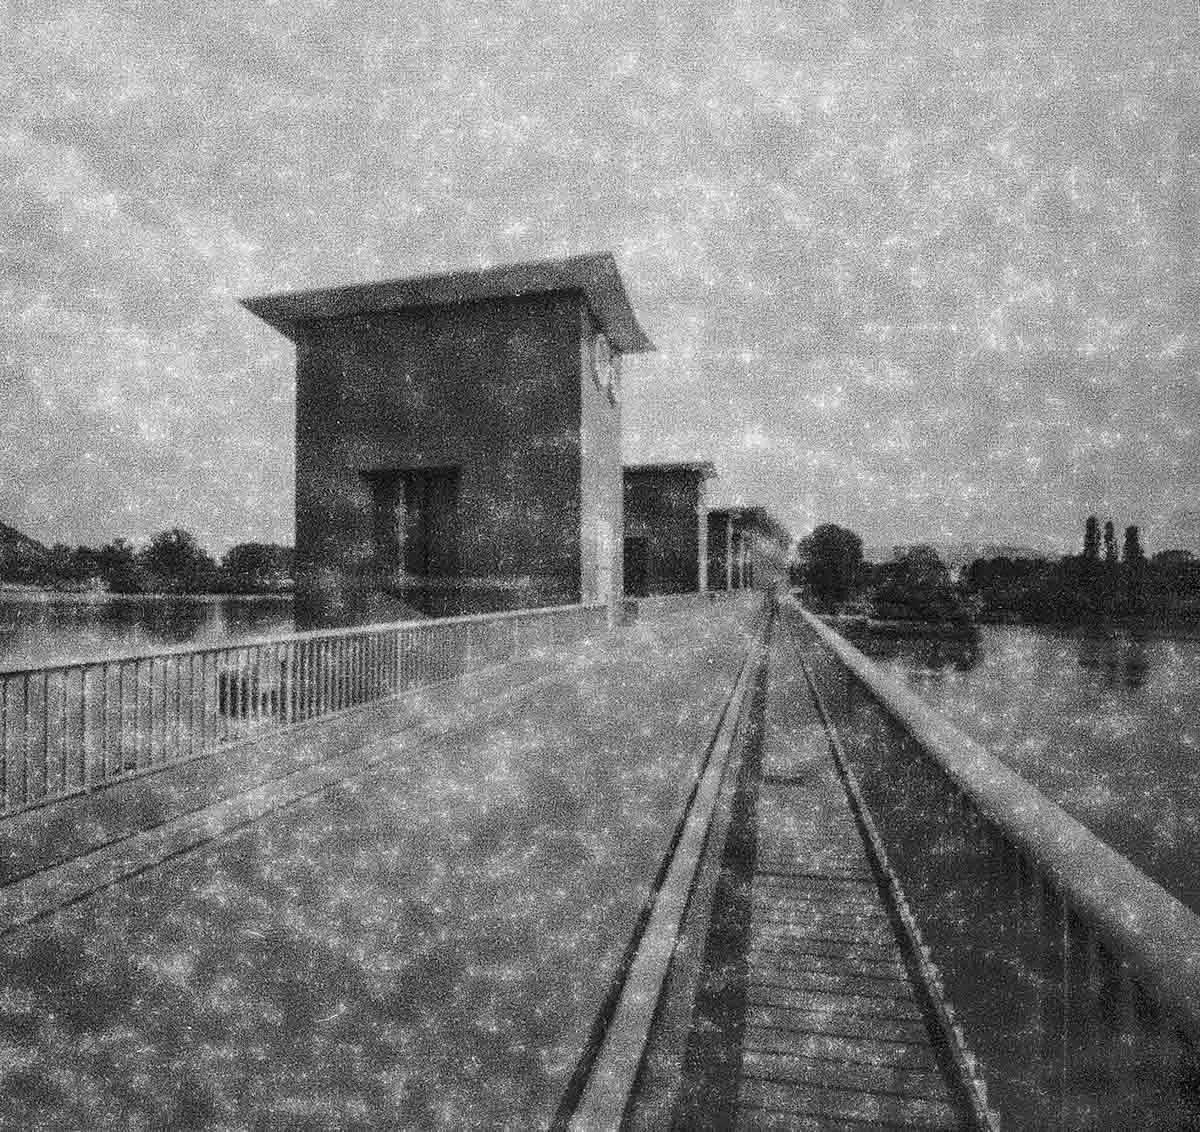 AGFA ISOCROM 1945 (120 - EI 3 - Natasha 69 Pinhole